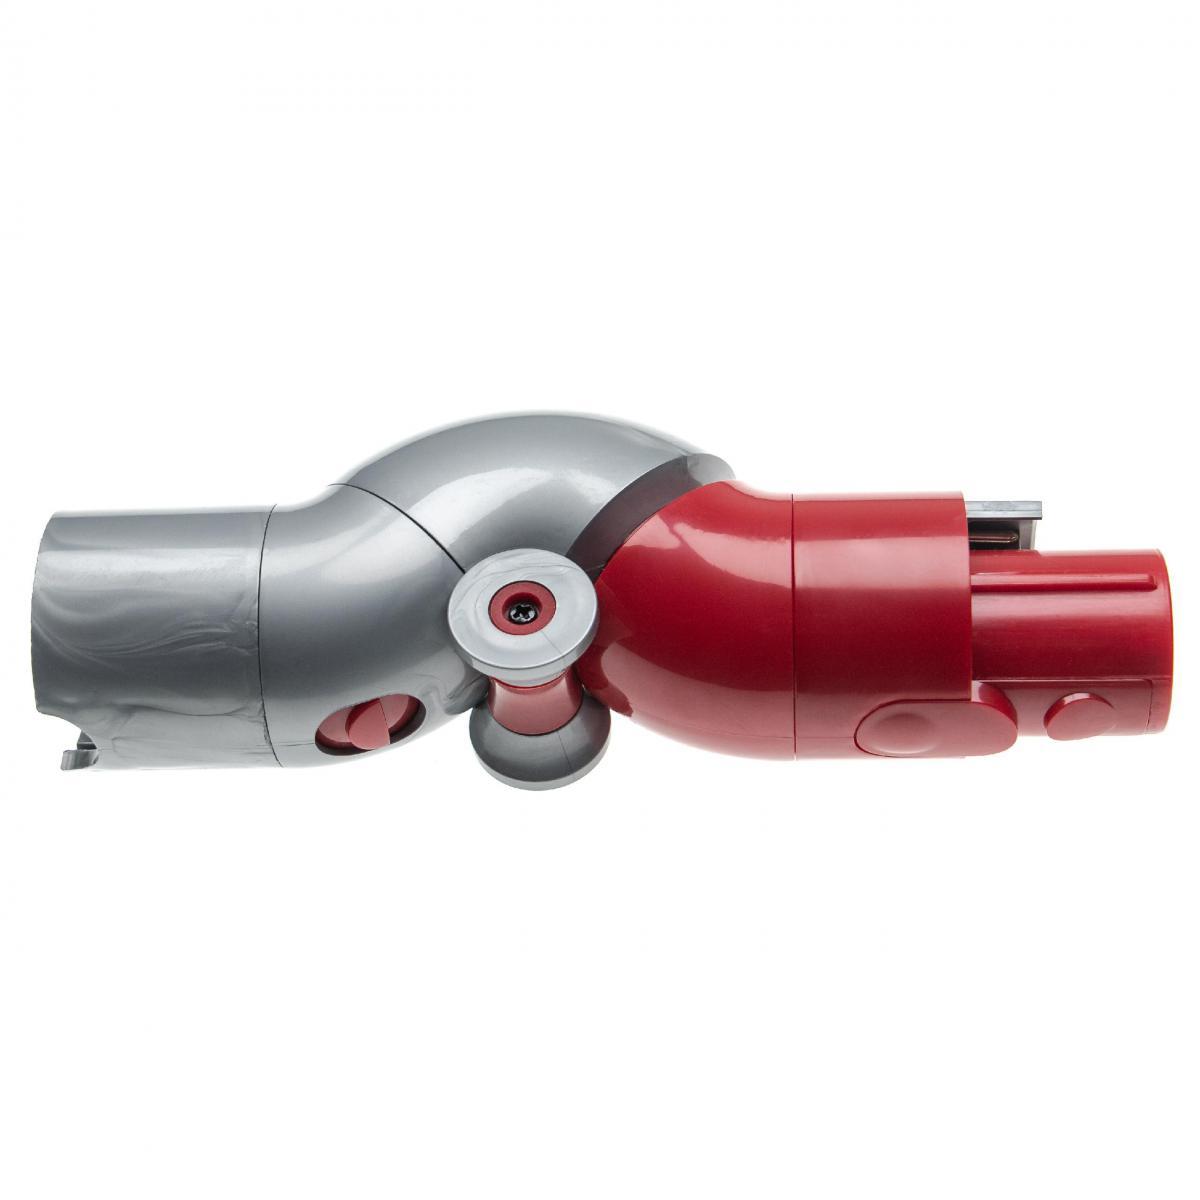 Vhbw vhbw Adaptateur compatible avec Dyson Cyclone V10 Total Clean aspirateur - gris / rouge